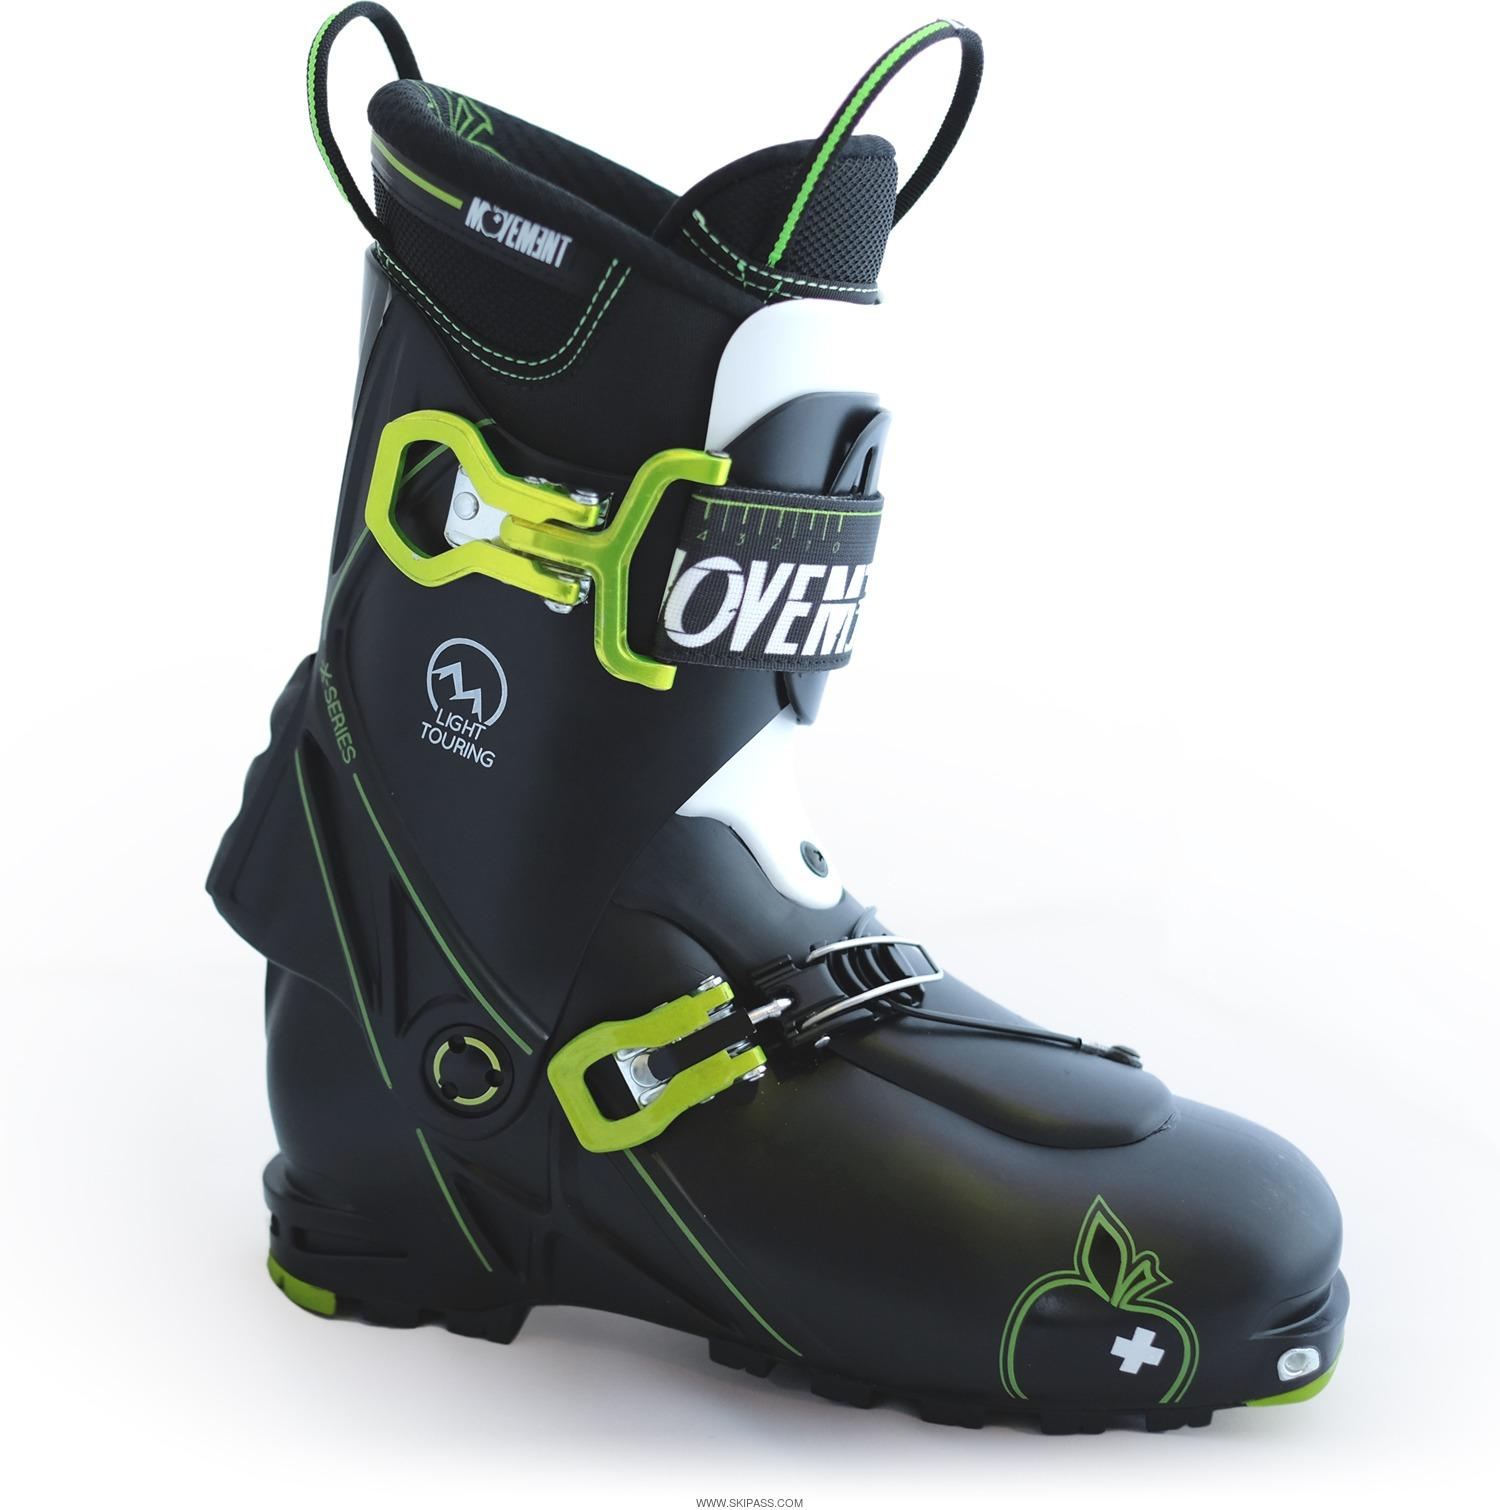 Chaussure Randonnée Ski Ski 2016 Salomon Chaussure XZTwPuOki